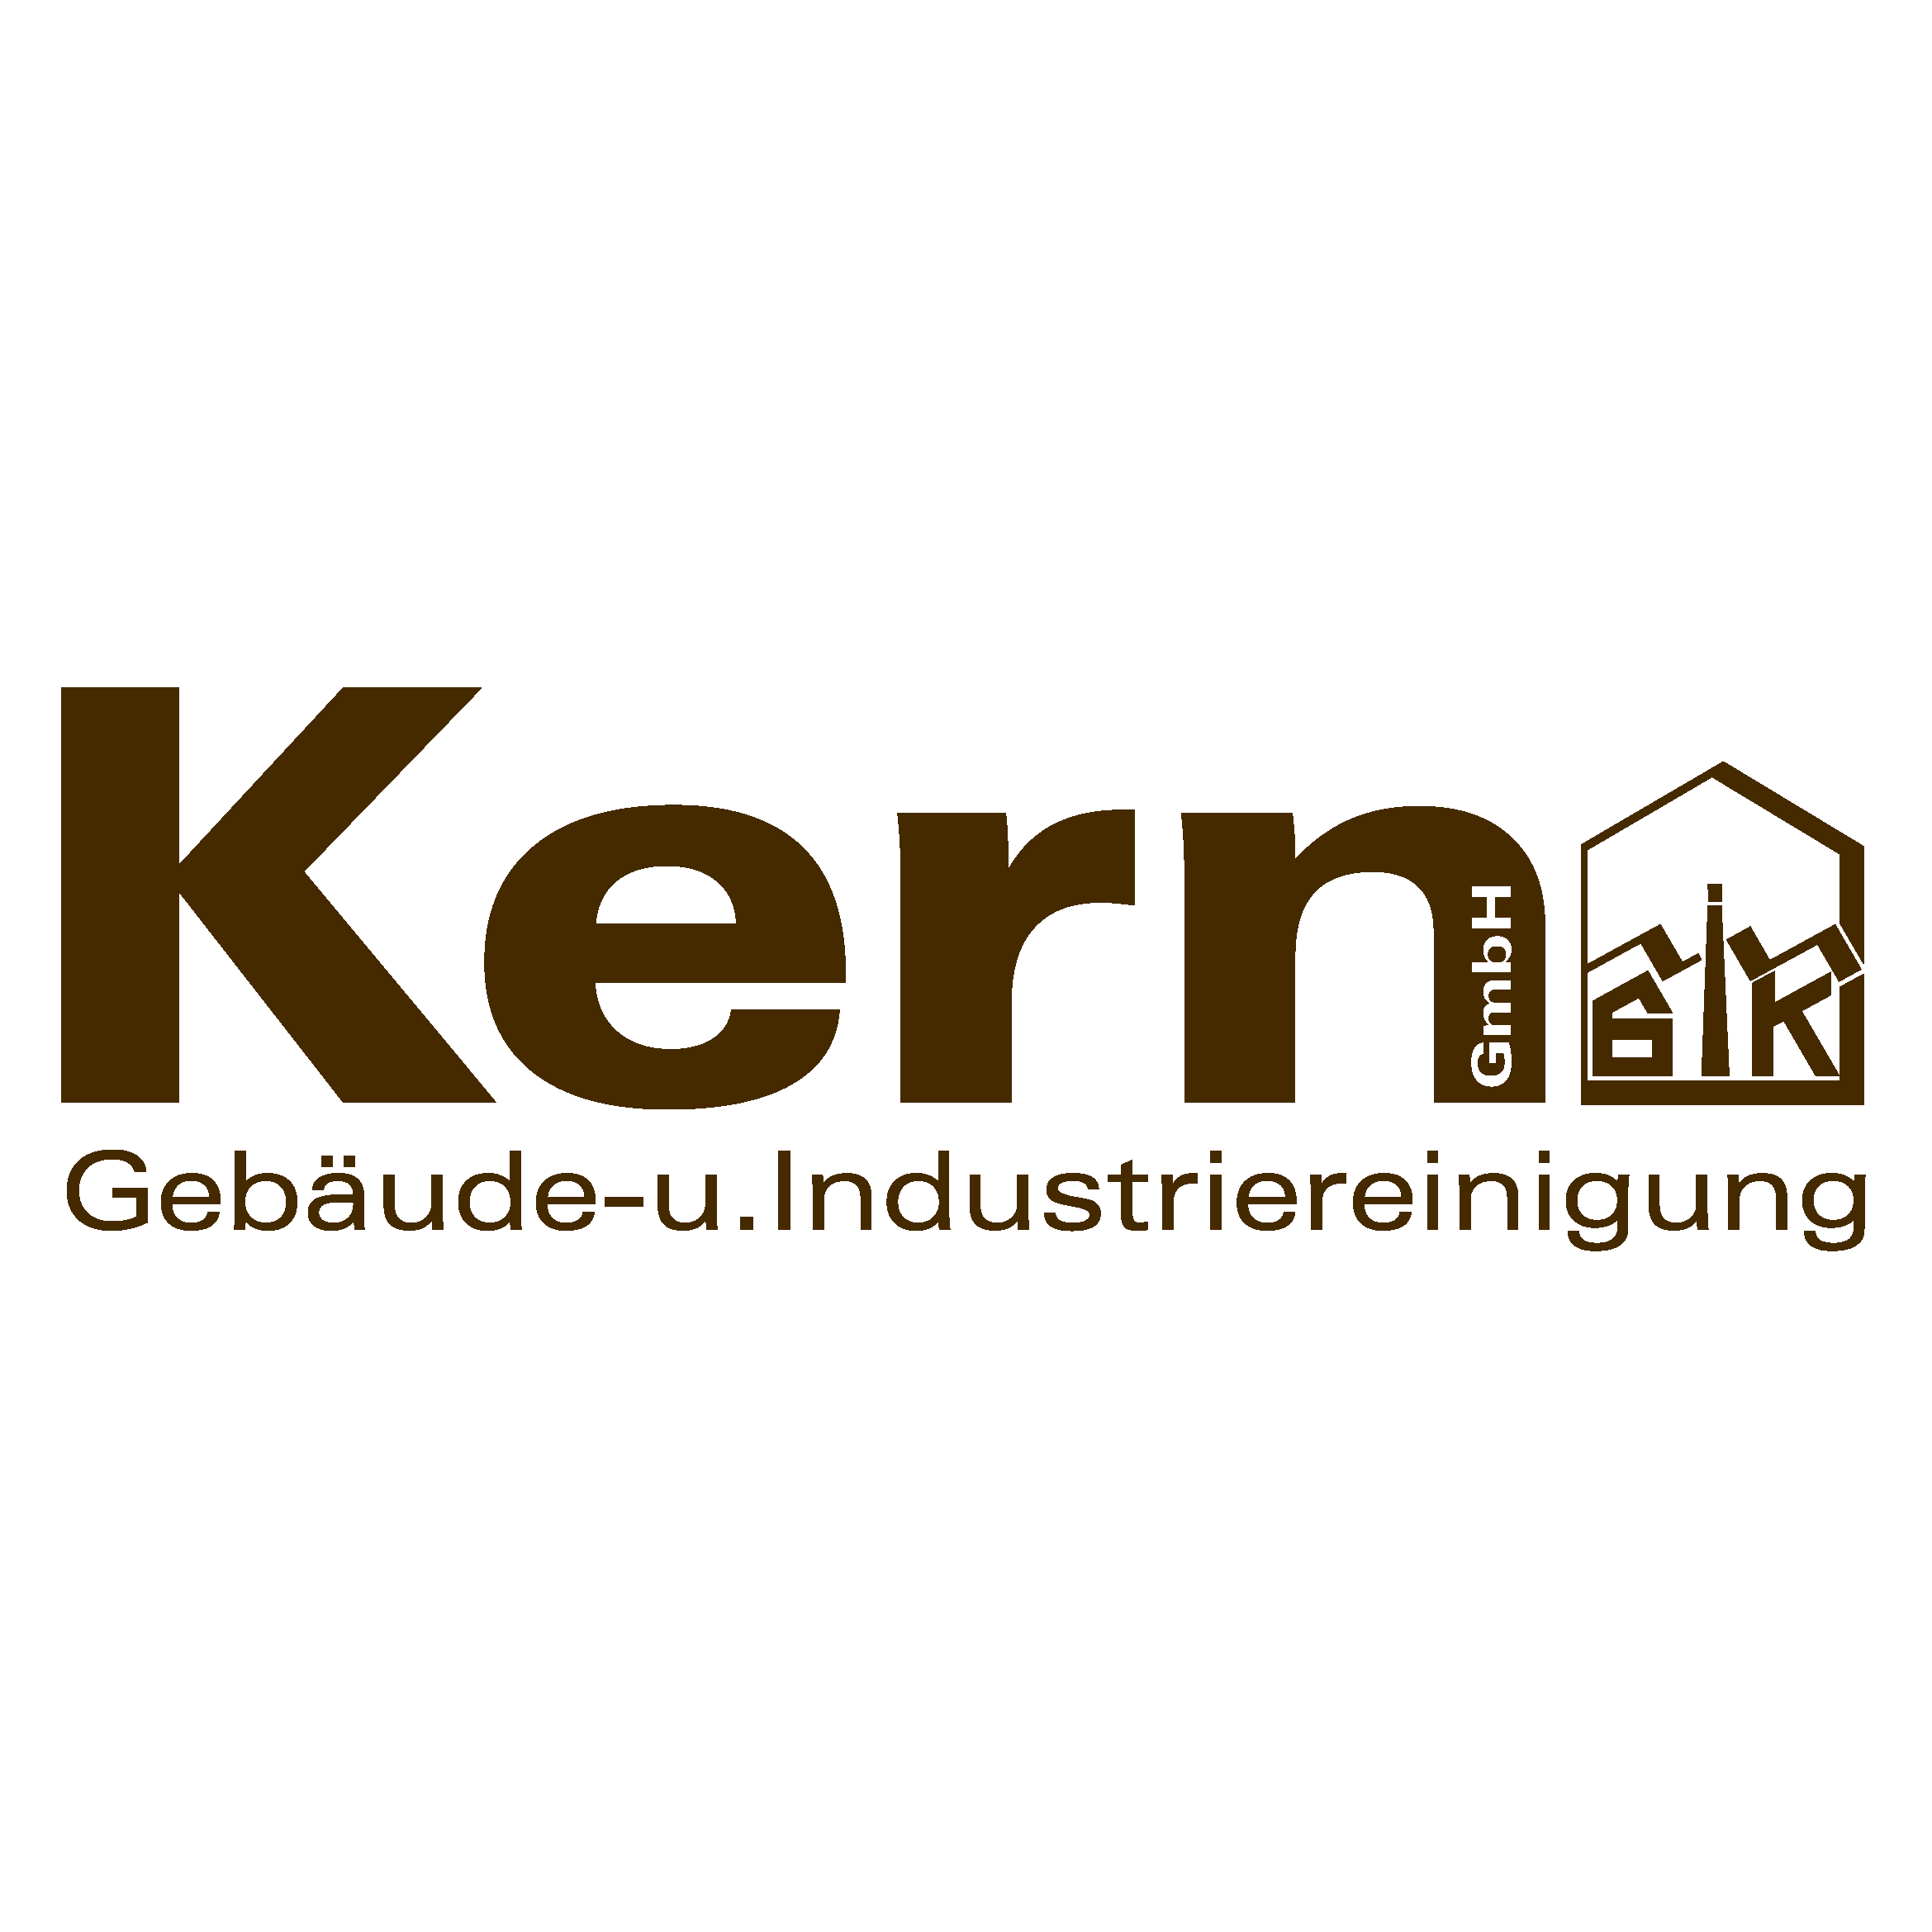 Kern Gebäude- und Industriereinigung GmbH